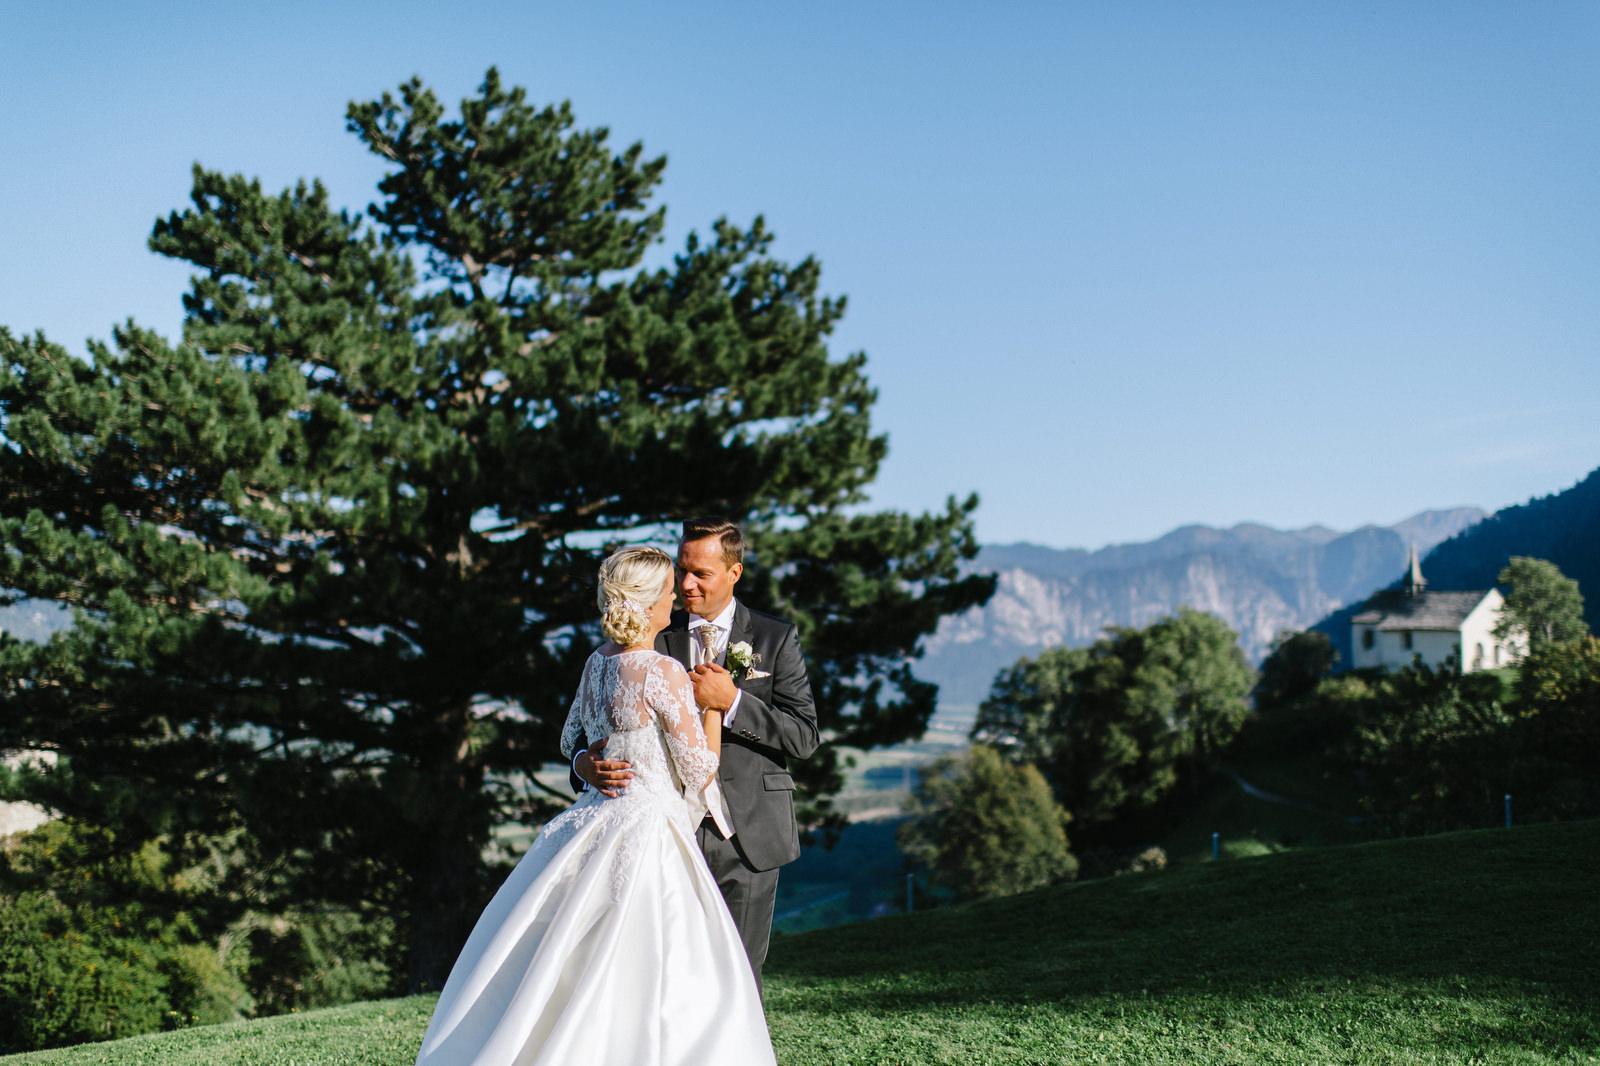 Fotograf Konstanz - Luxus Hochzeit Fotograf Grand Resort Bad Ragaz Schweiz Lichtenstein 224 - Destination wedding at the Grand Resort Bad Ragaz, Swiss  - 185 -